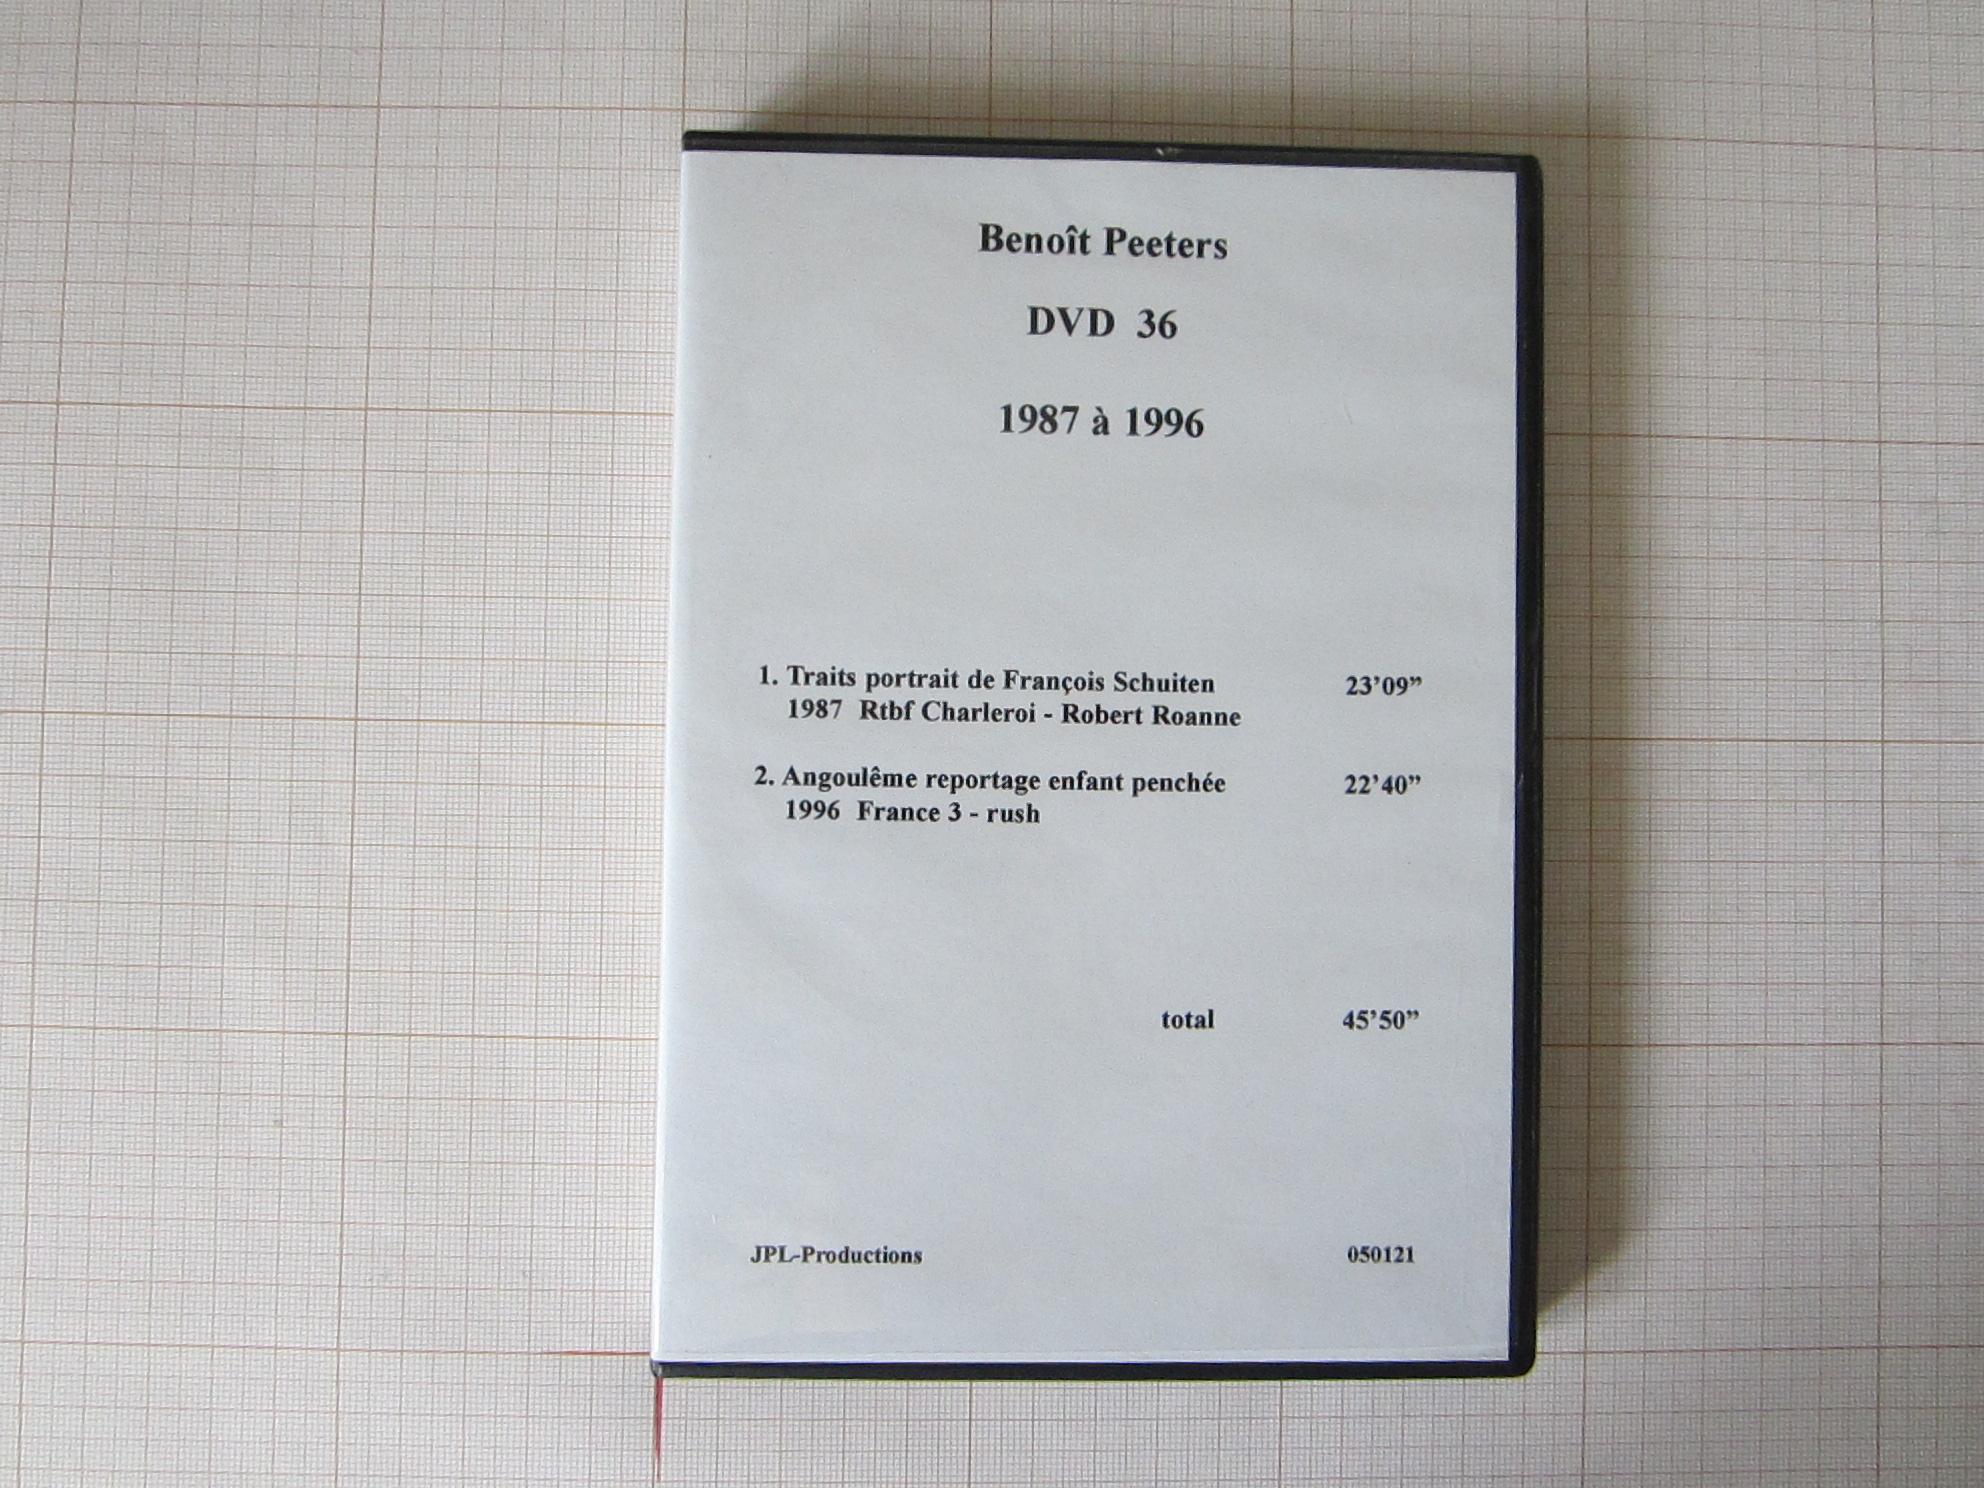 Benoît Peeters DVD 36 1987 à 1996 - JPL-Productions© Maison Autrique, 1996